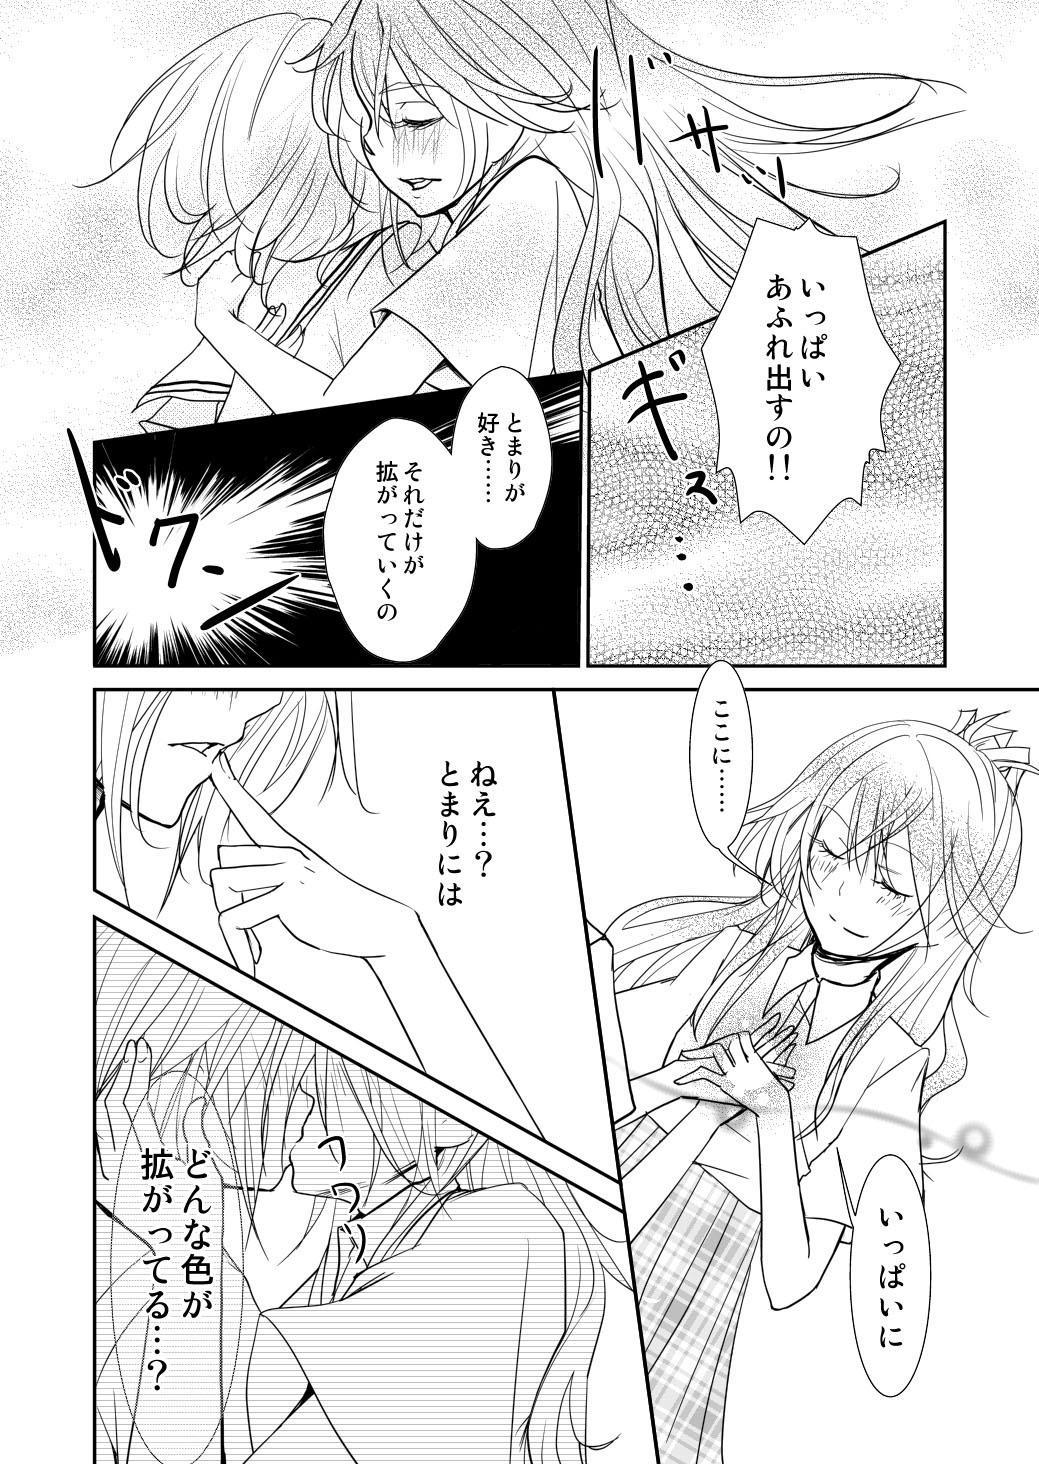 Yakusoku no Sora to Kimigaita Basho 1 ~ 2 30